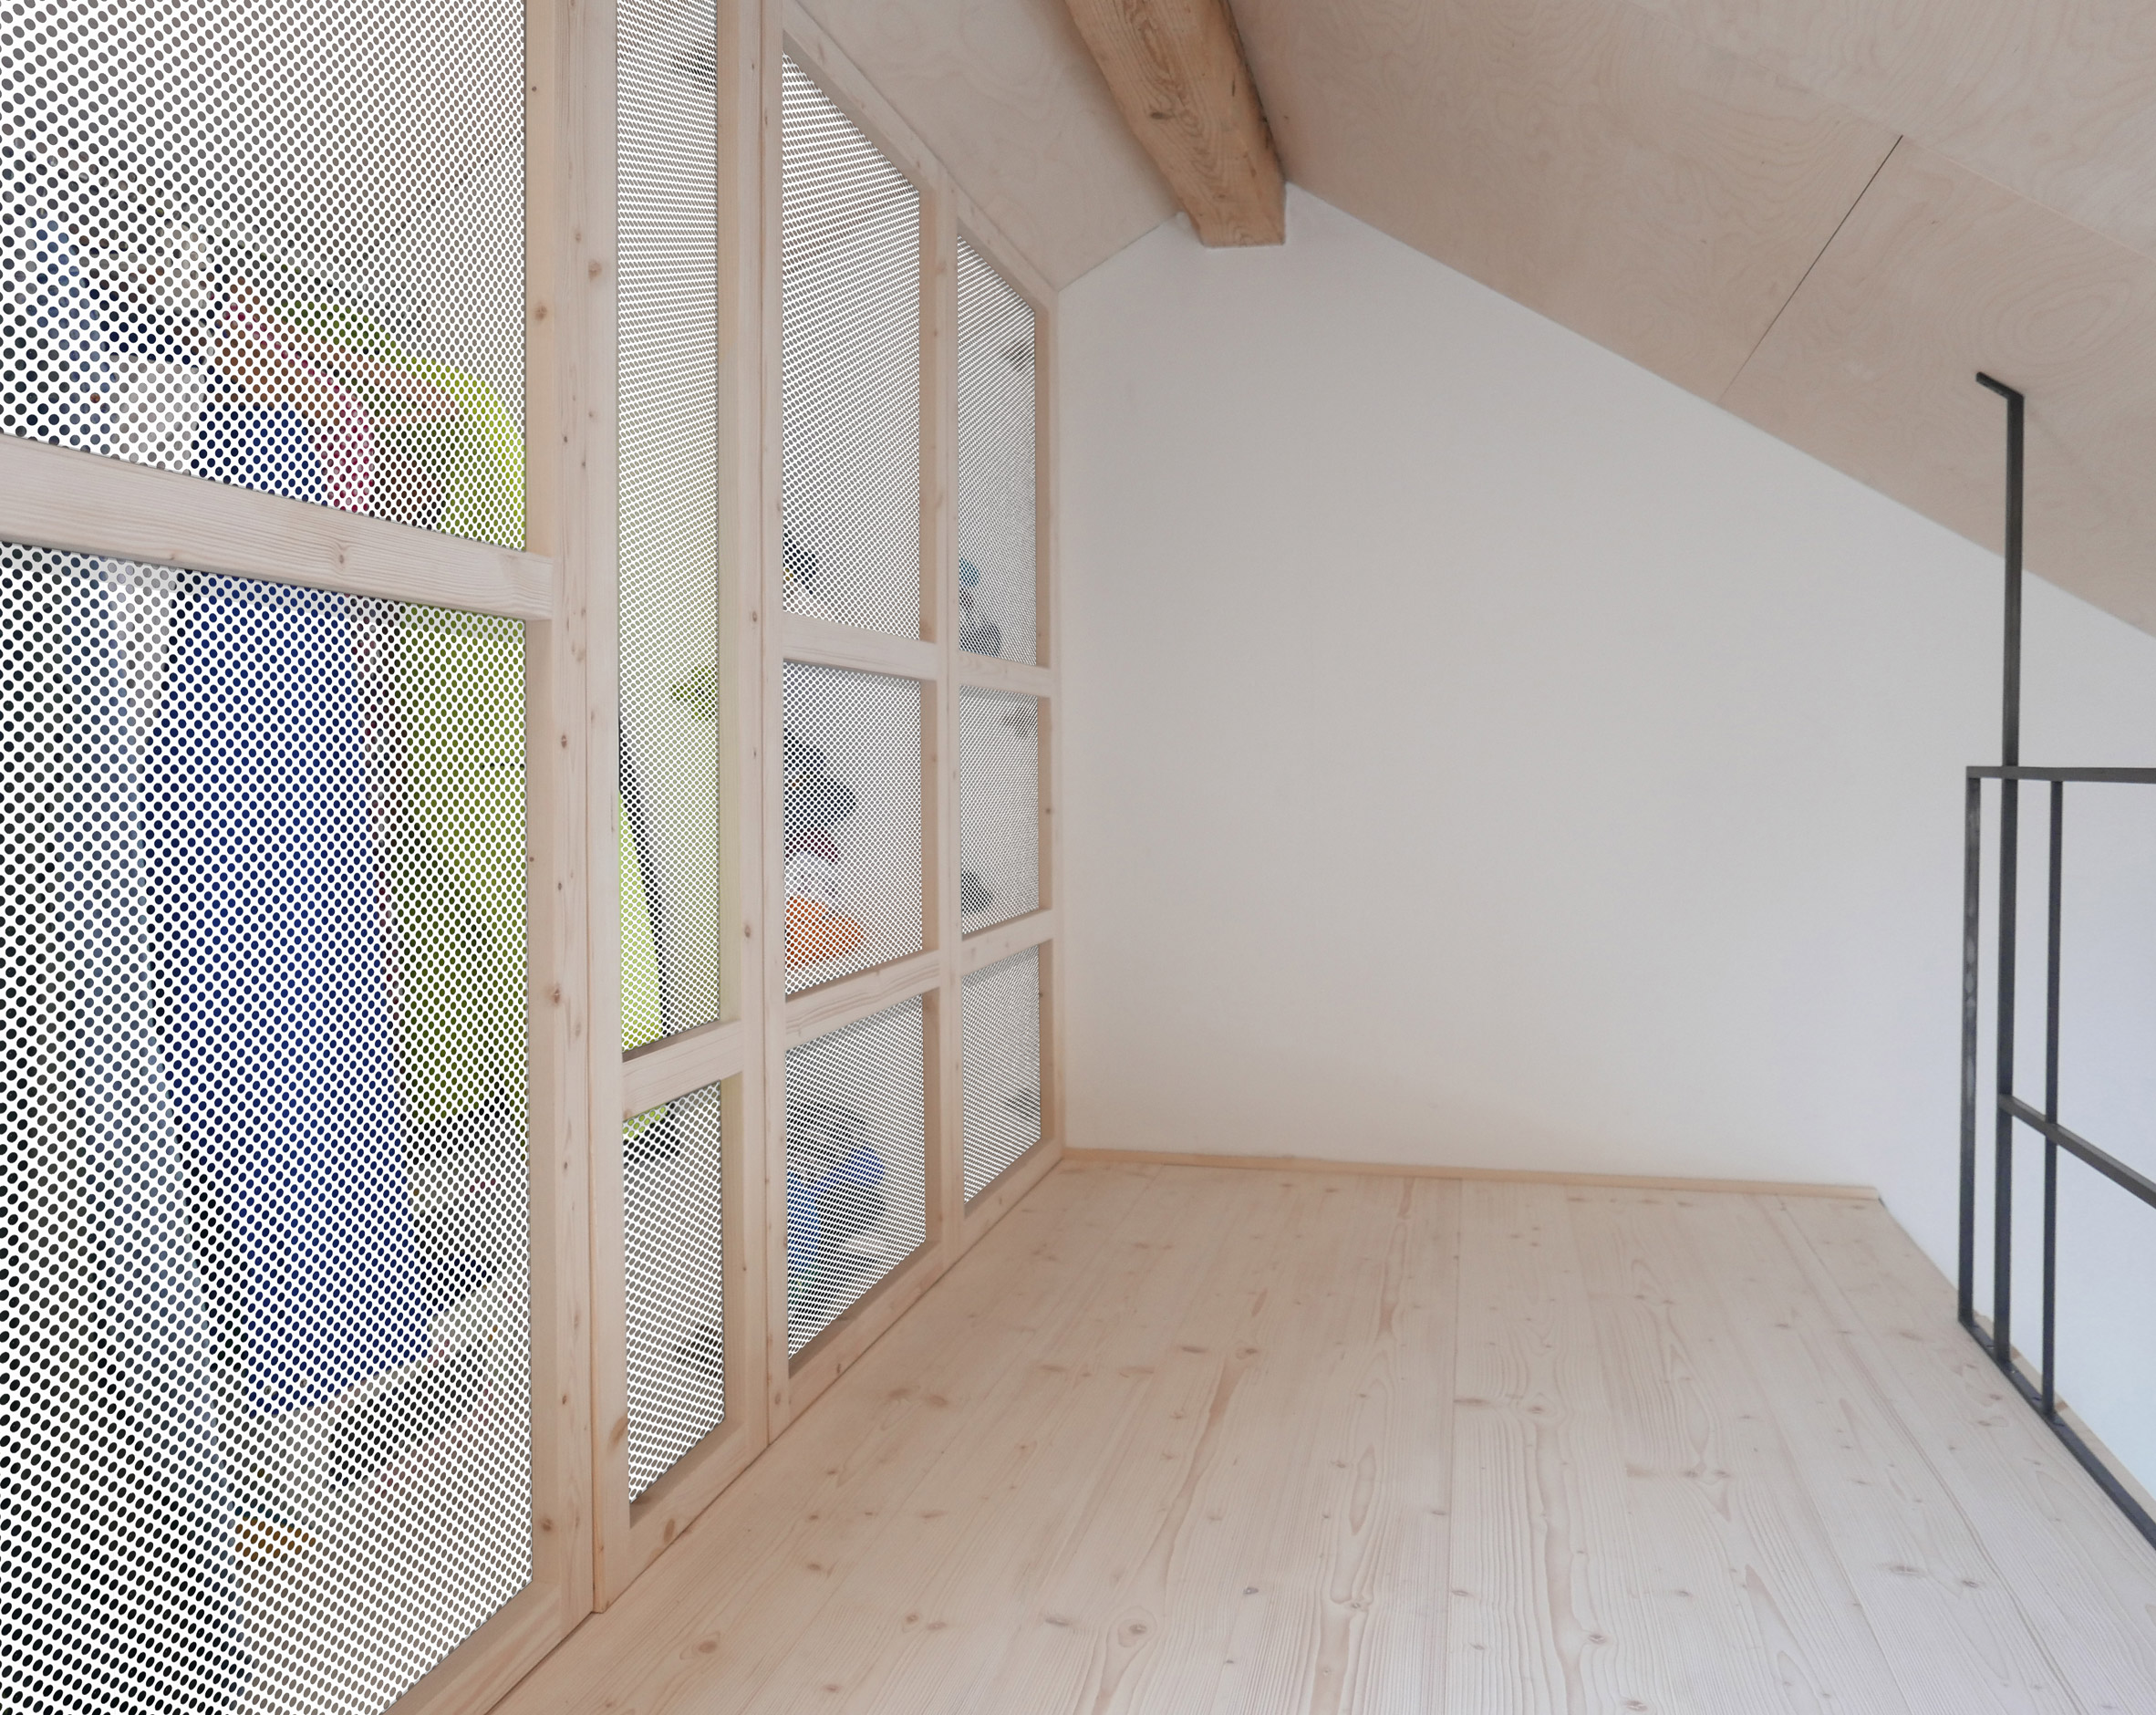 Jab Studio Creates Rustic Interior Design for Loft Apartment